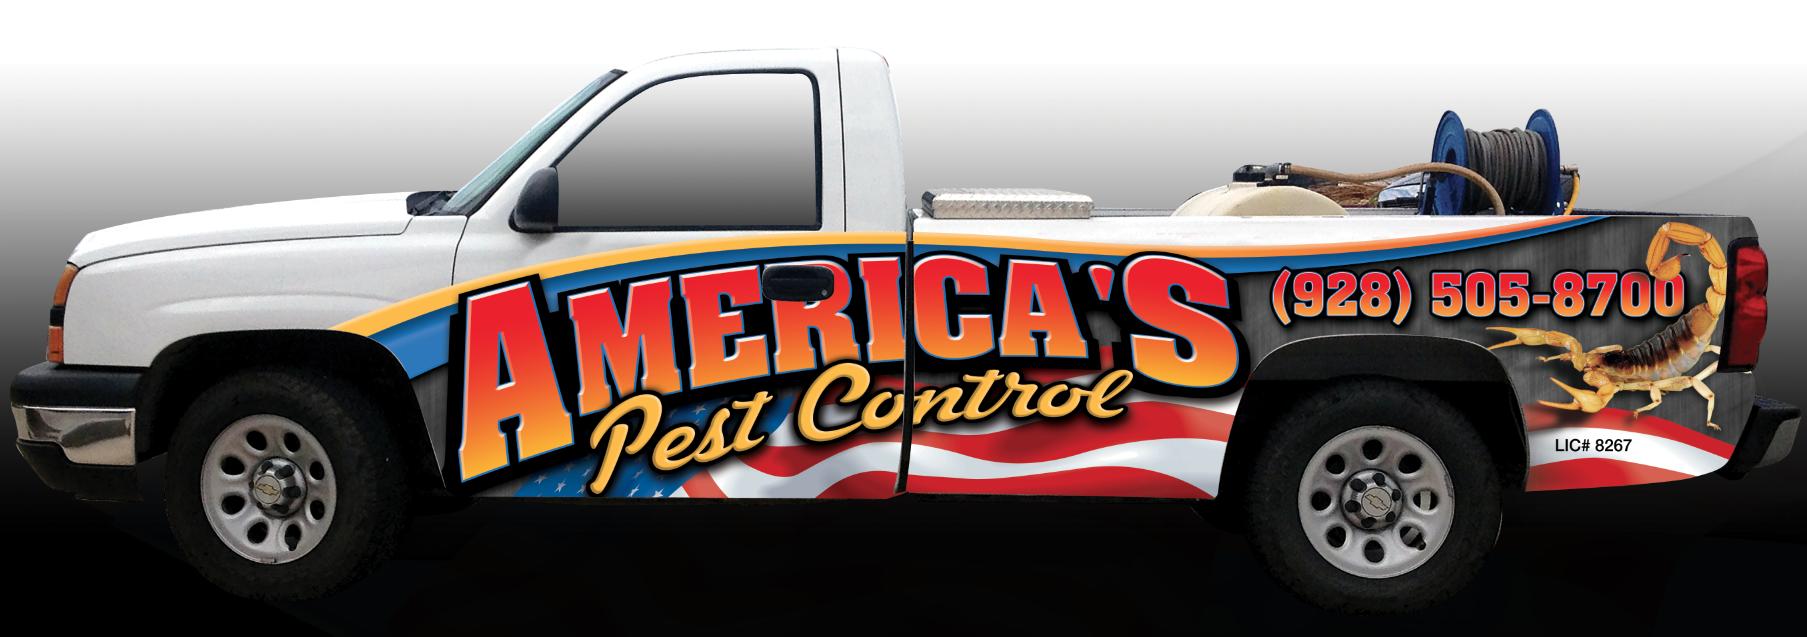 America's Pest Control logo